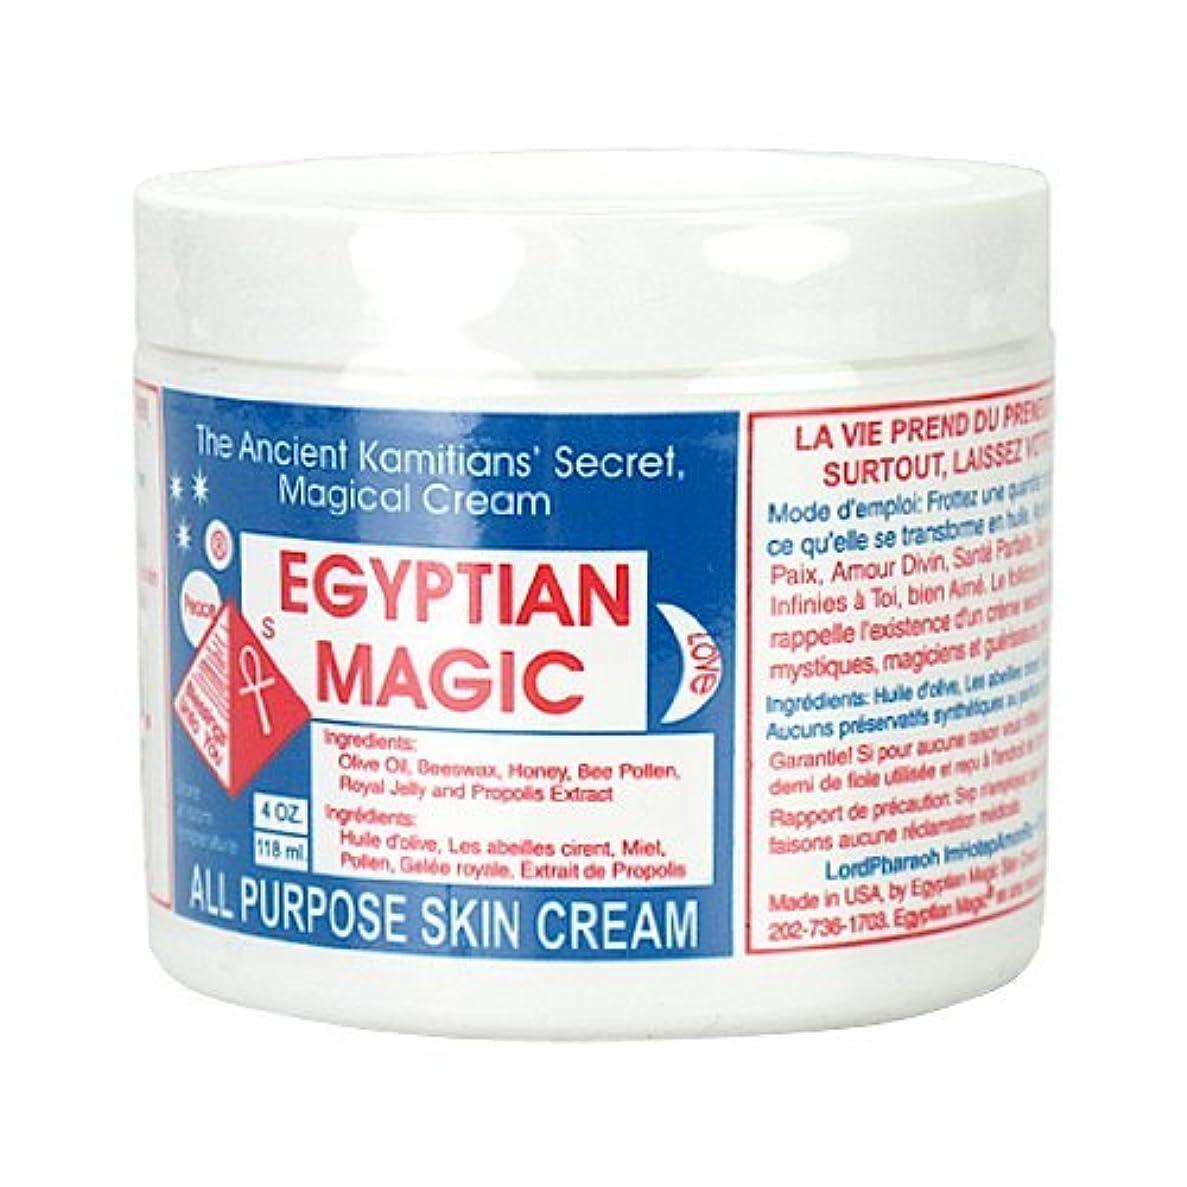 祝福する自然農夫エジプシャンマジック EGYPTIAN MAGIC エジプシャン マジック クリーム 118ml 保湿クリーム